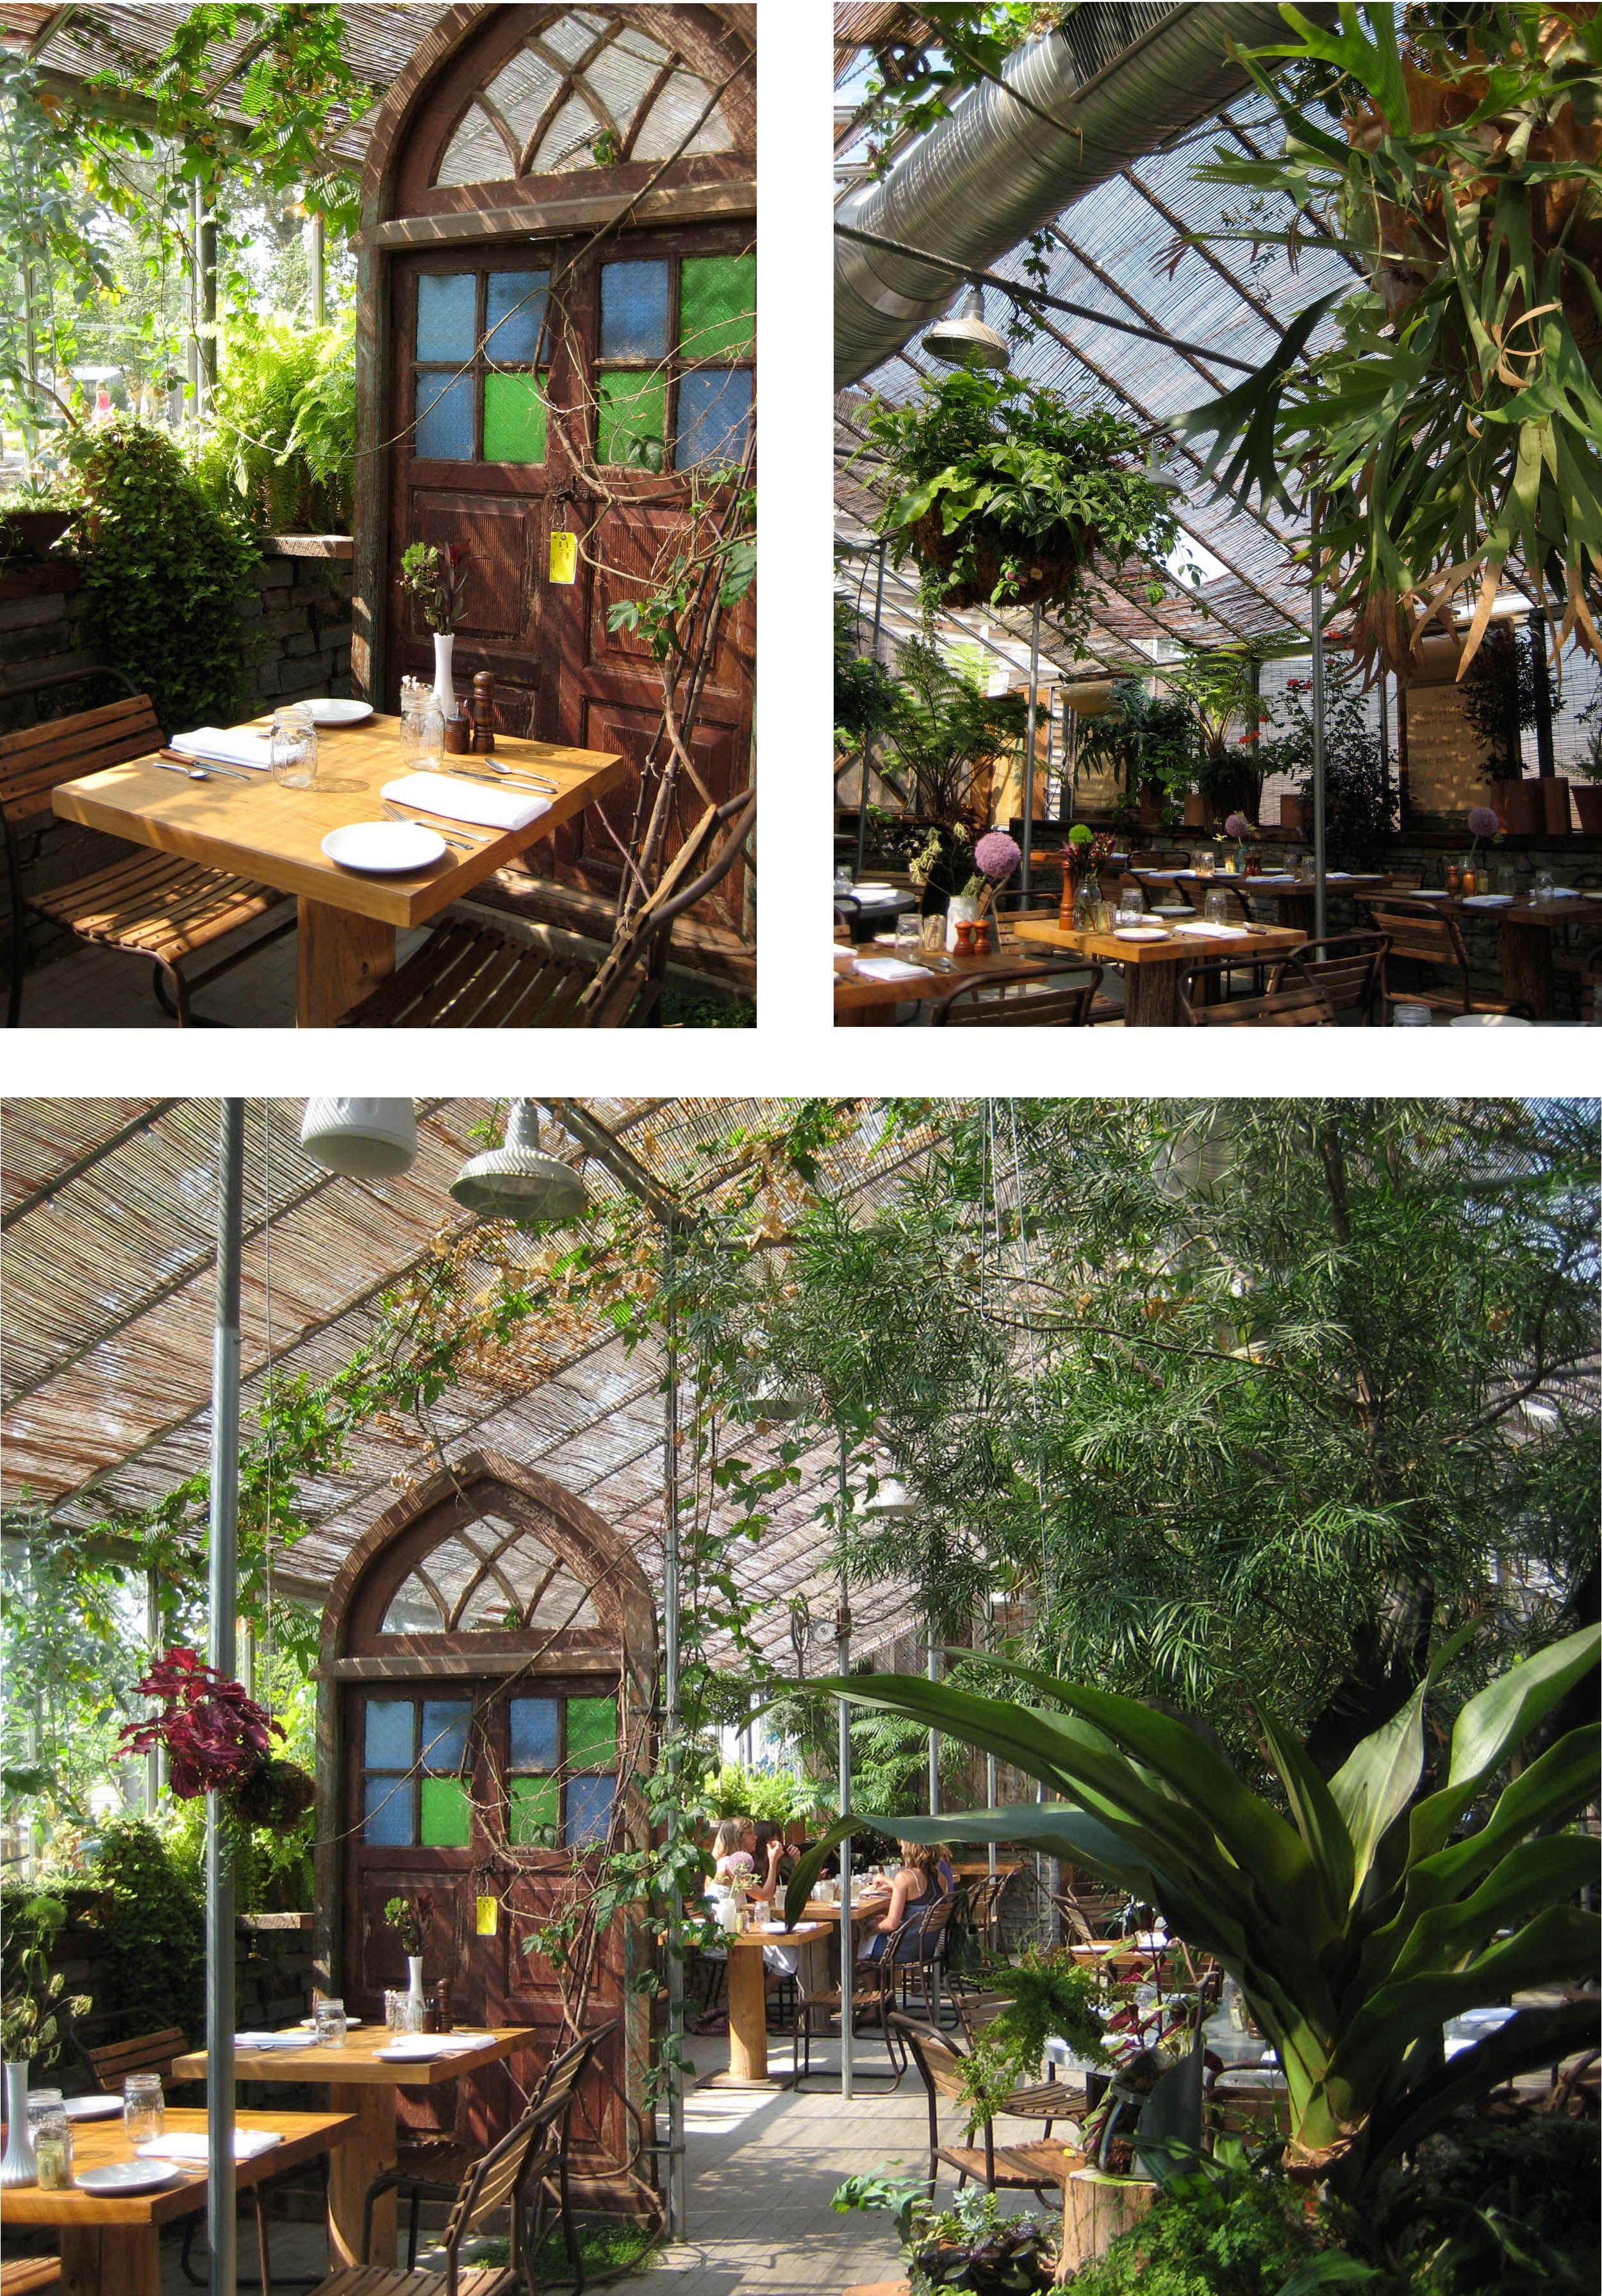 terrain garden cafe Greenhouse cafe, Garden cafe, Garden